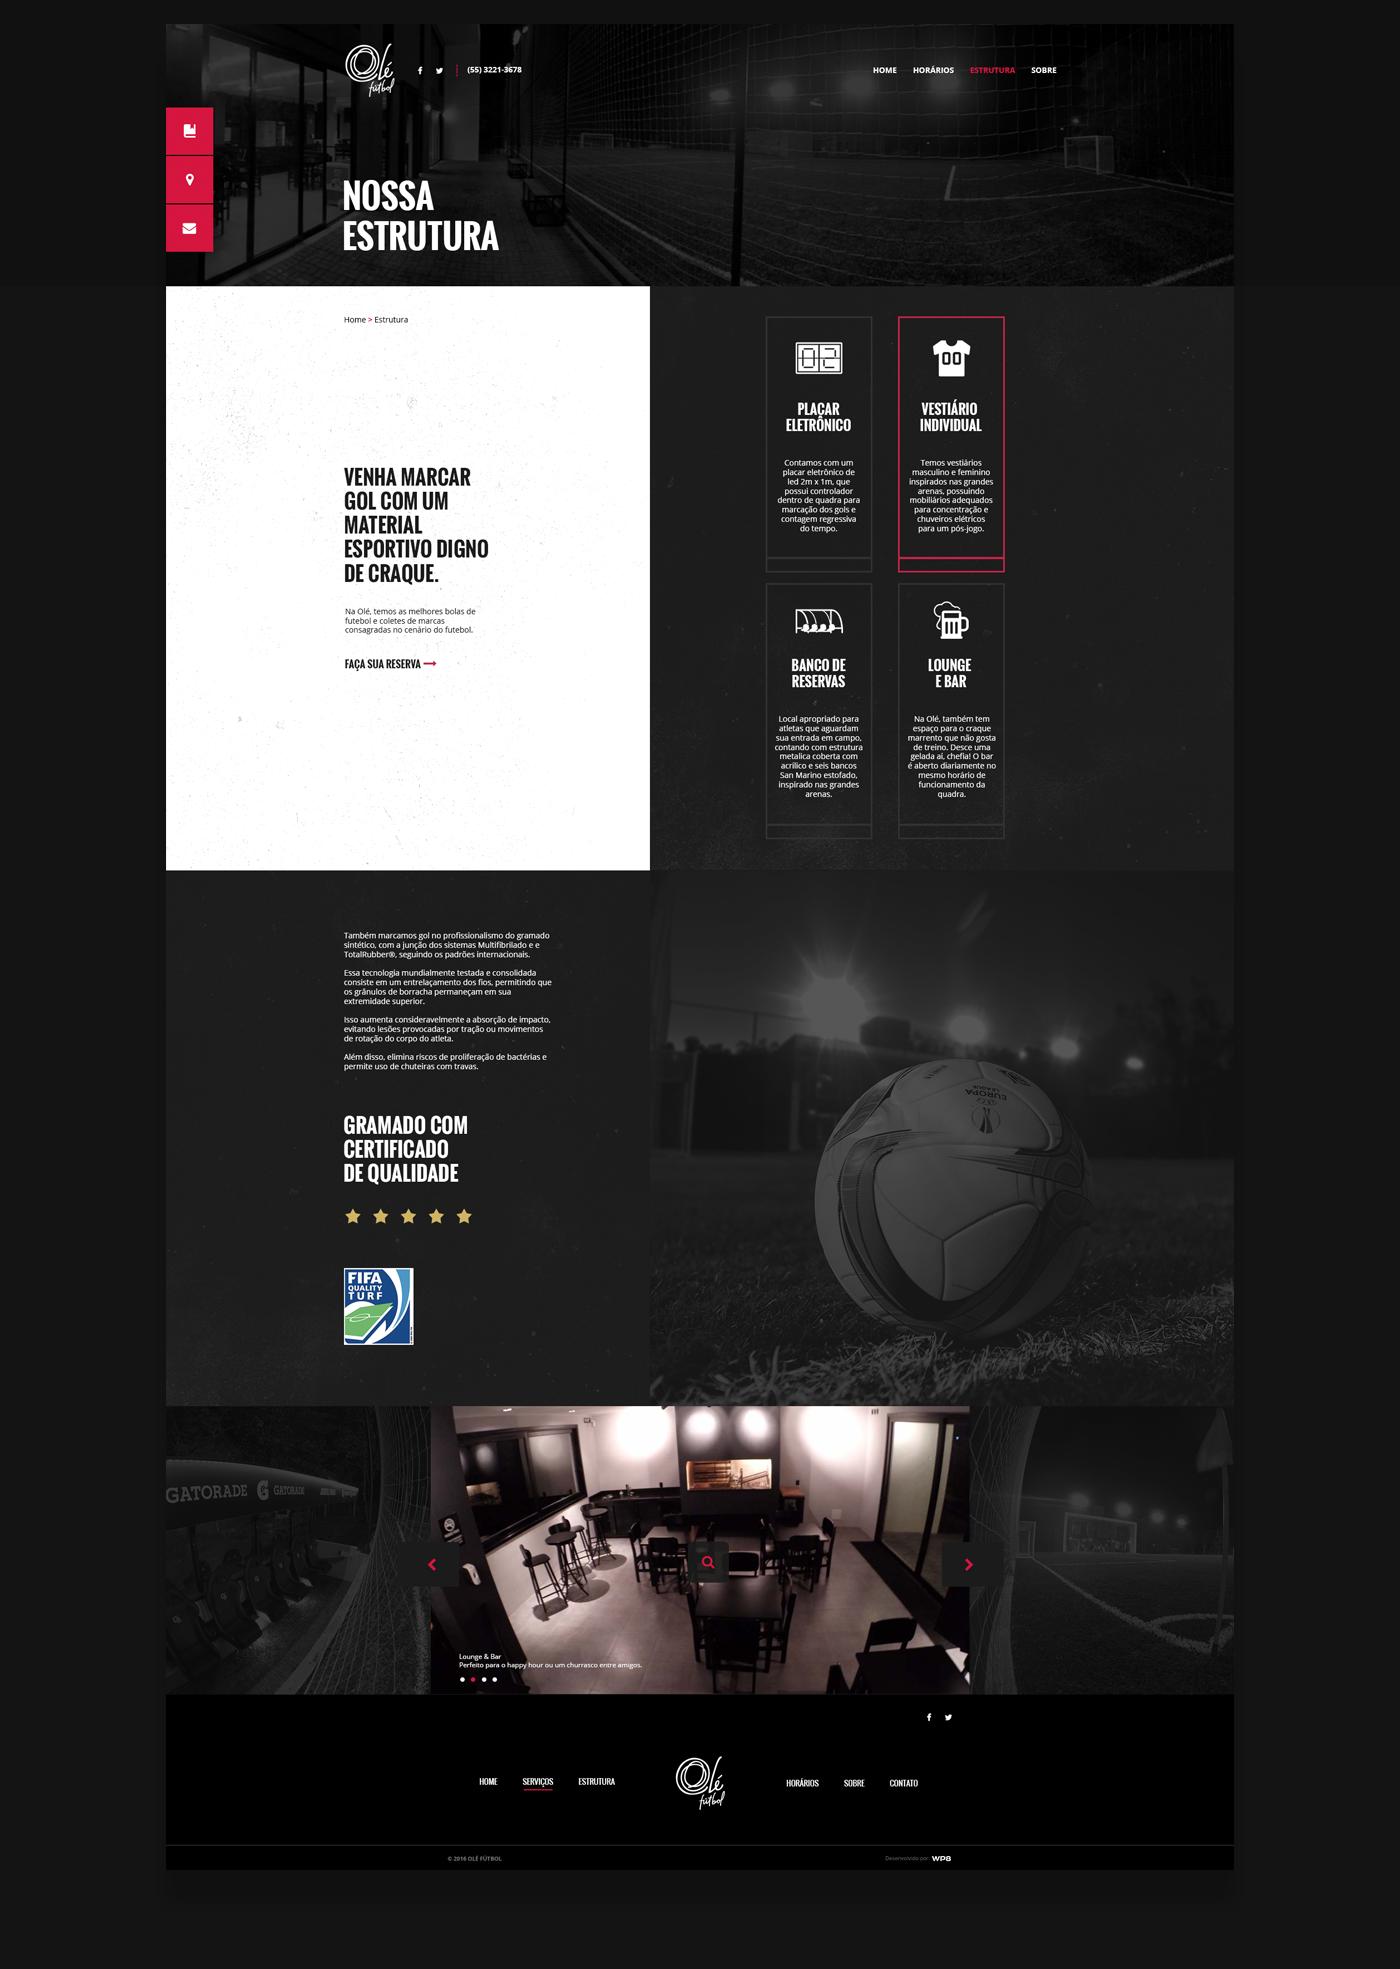 football soccer atletismo sport futebol Esporte site Website web site Futbol